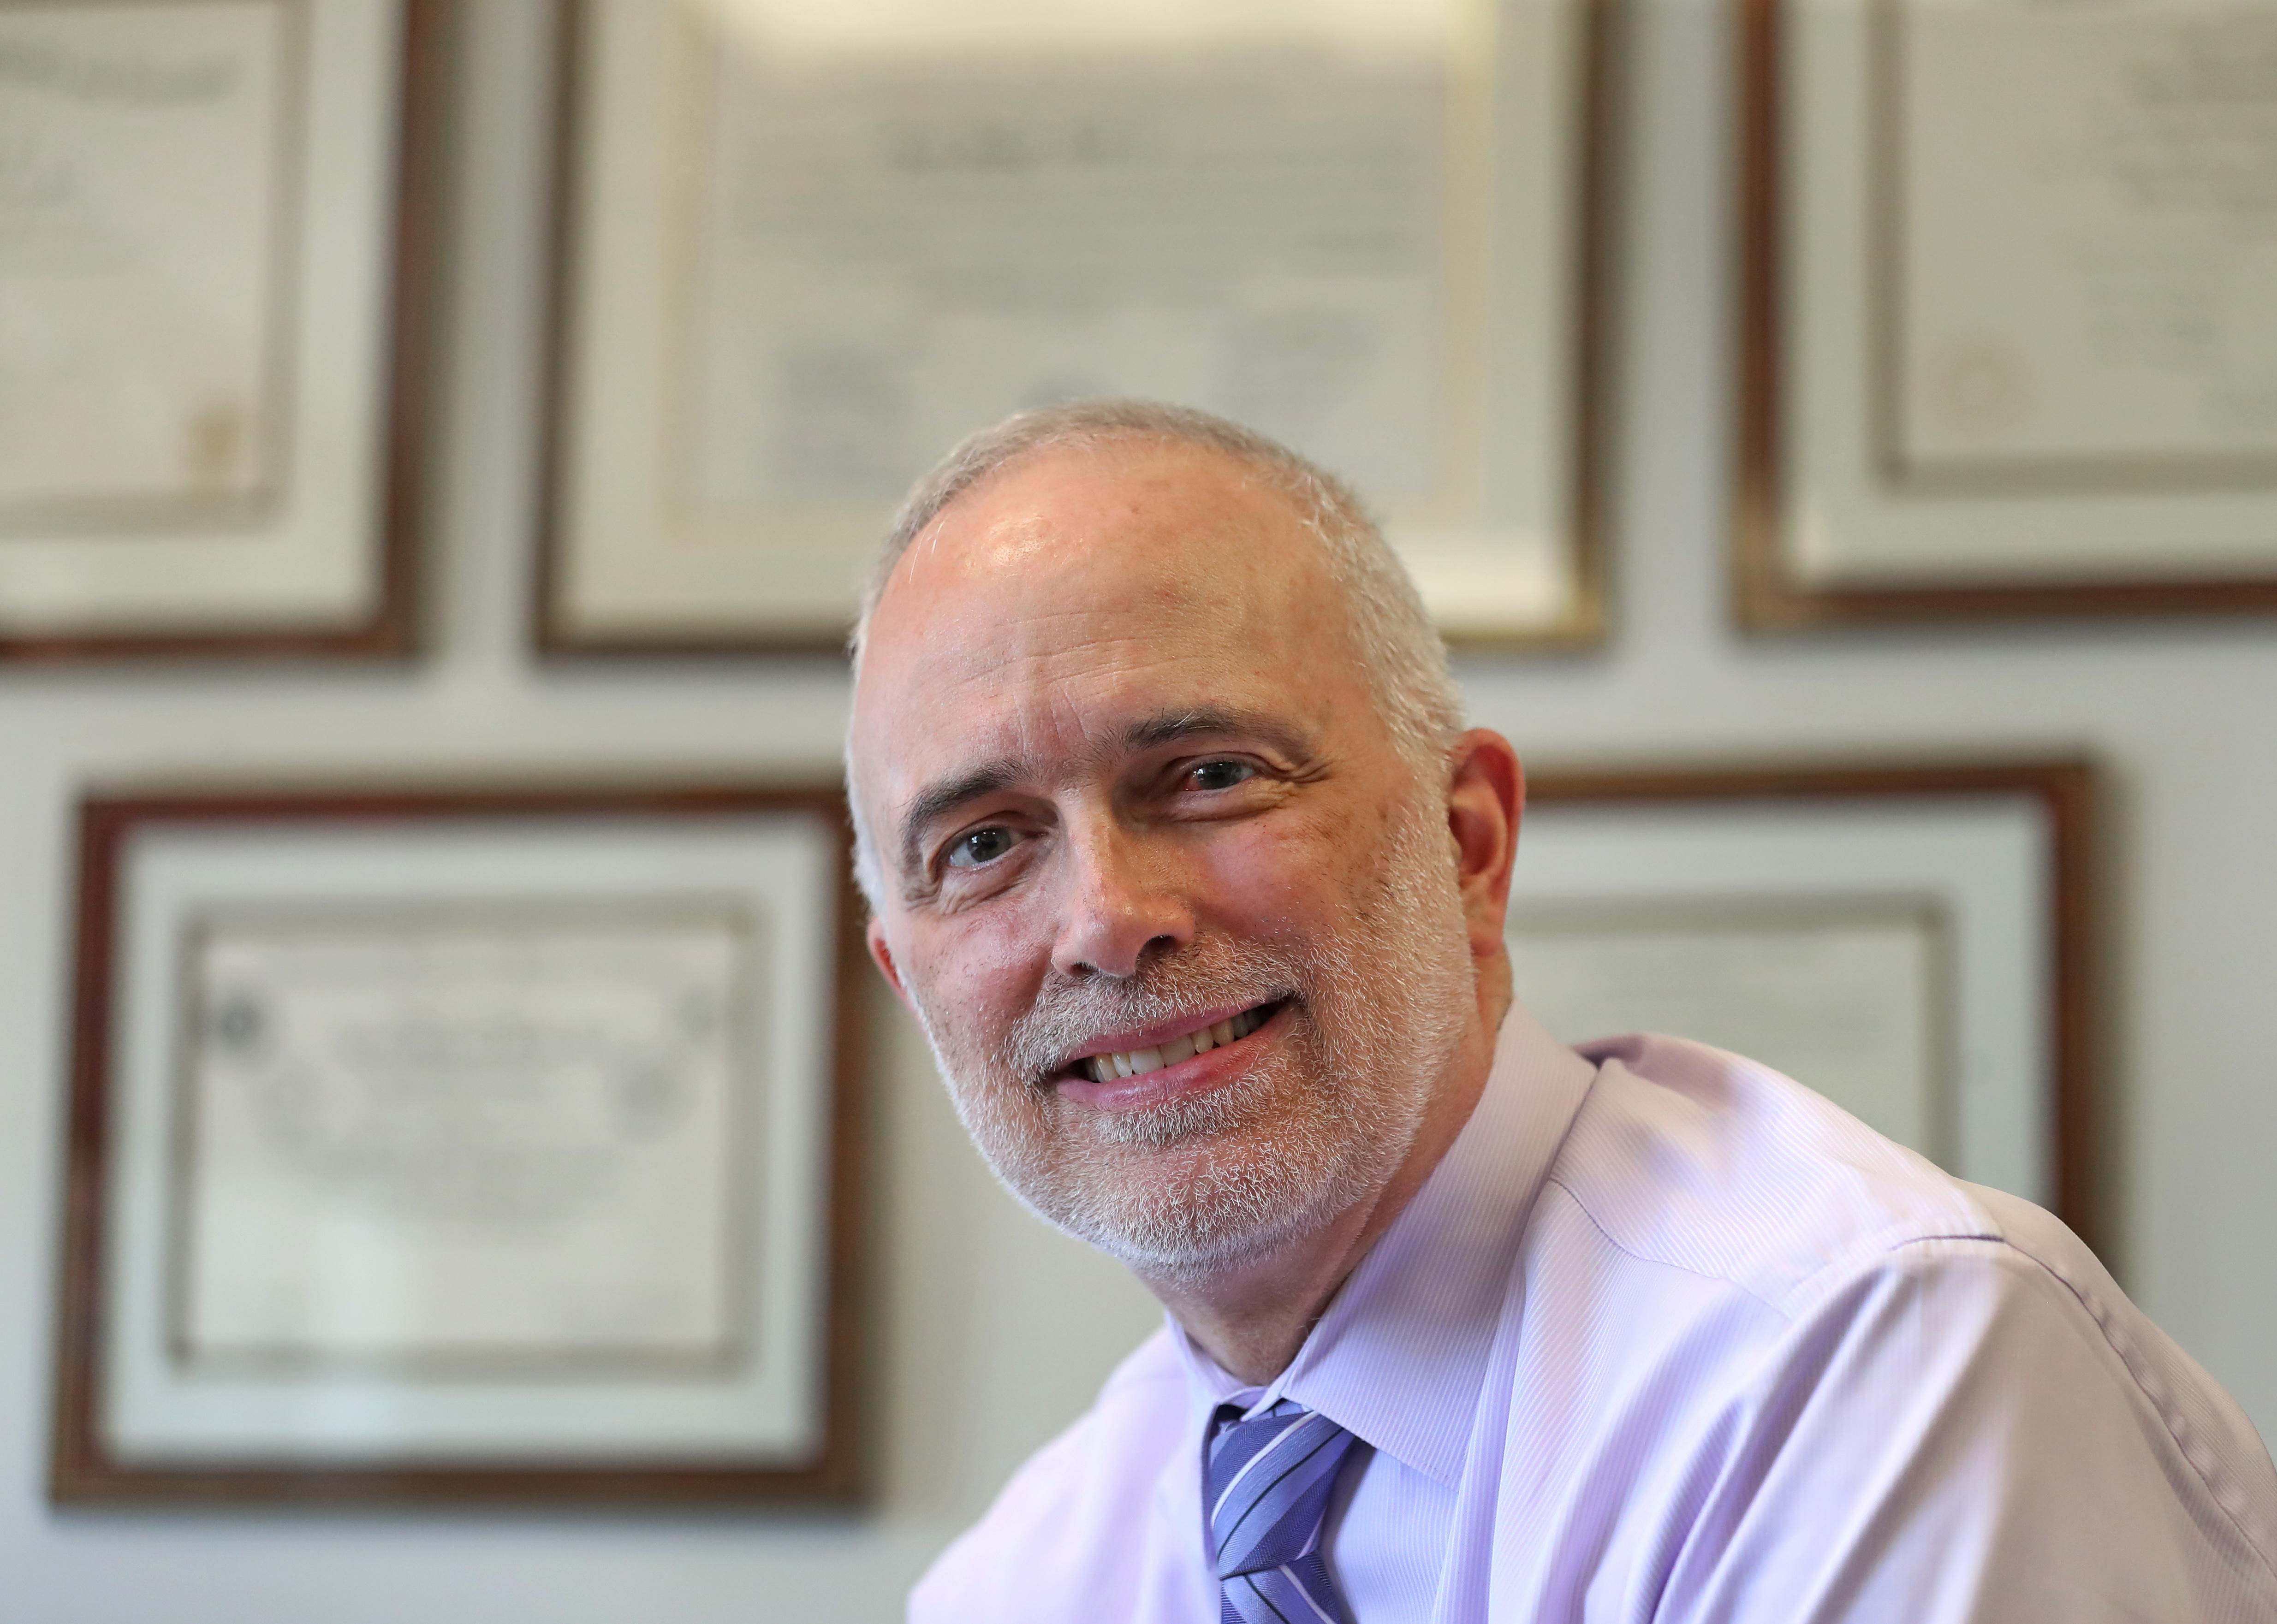 Dr. Henry T. Sachs III, president of Bradley Hospital